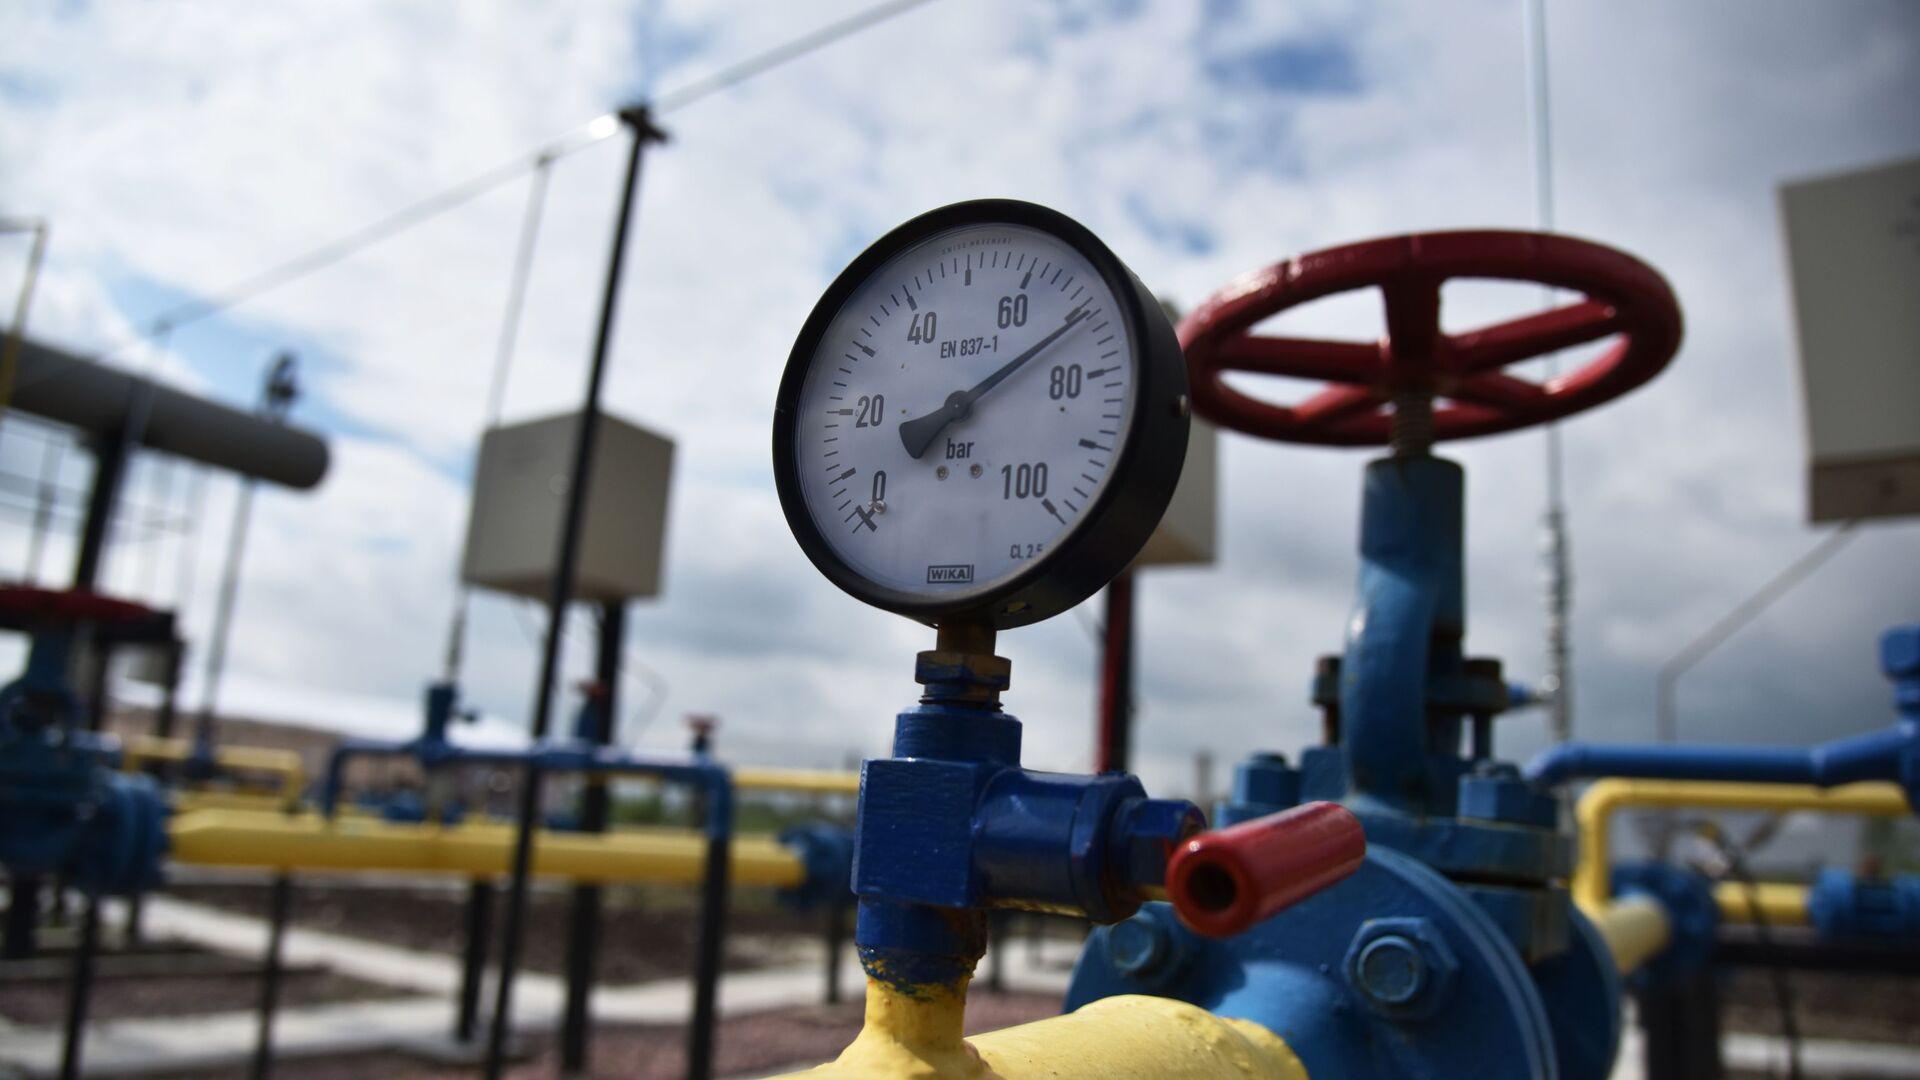 Ukraina obawia się wzrostu cen gazu po oddaniu do eksploatacji gazociągu Nord Stream 2. - Sputnik Polska, 1920, 18.09.2021